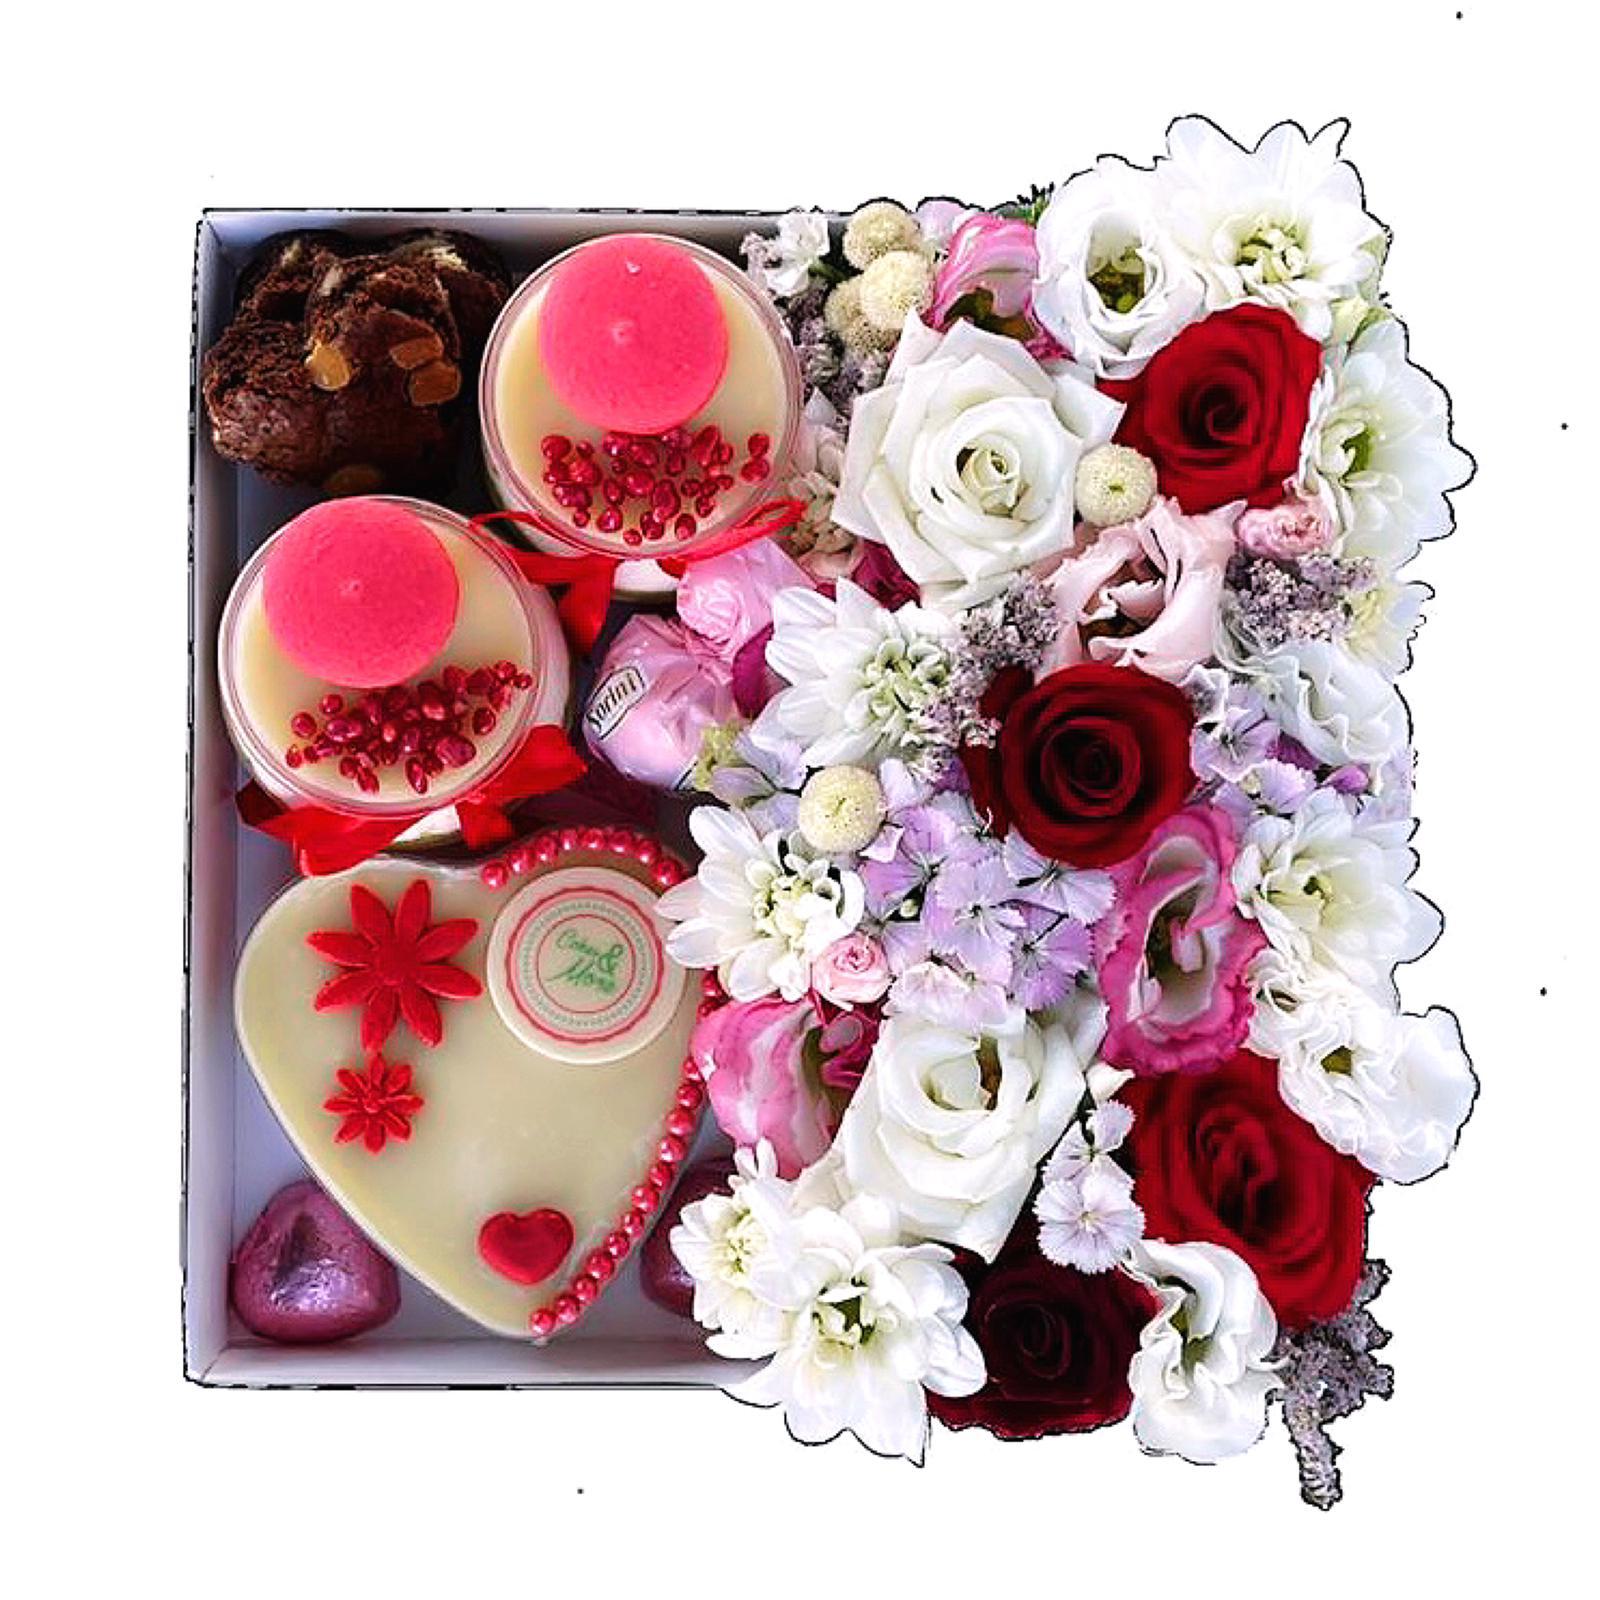 מארז פרחים וקינוחים בינוני